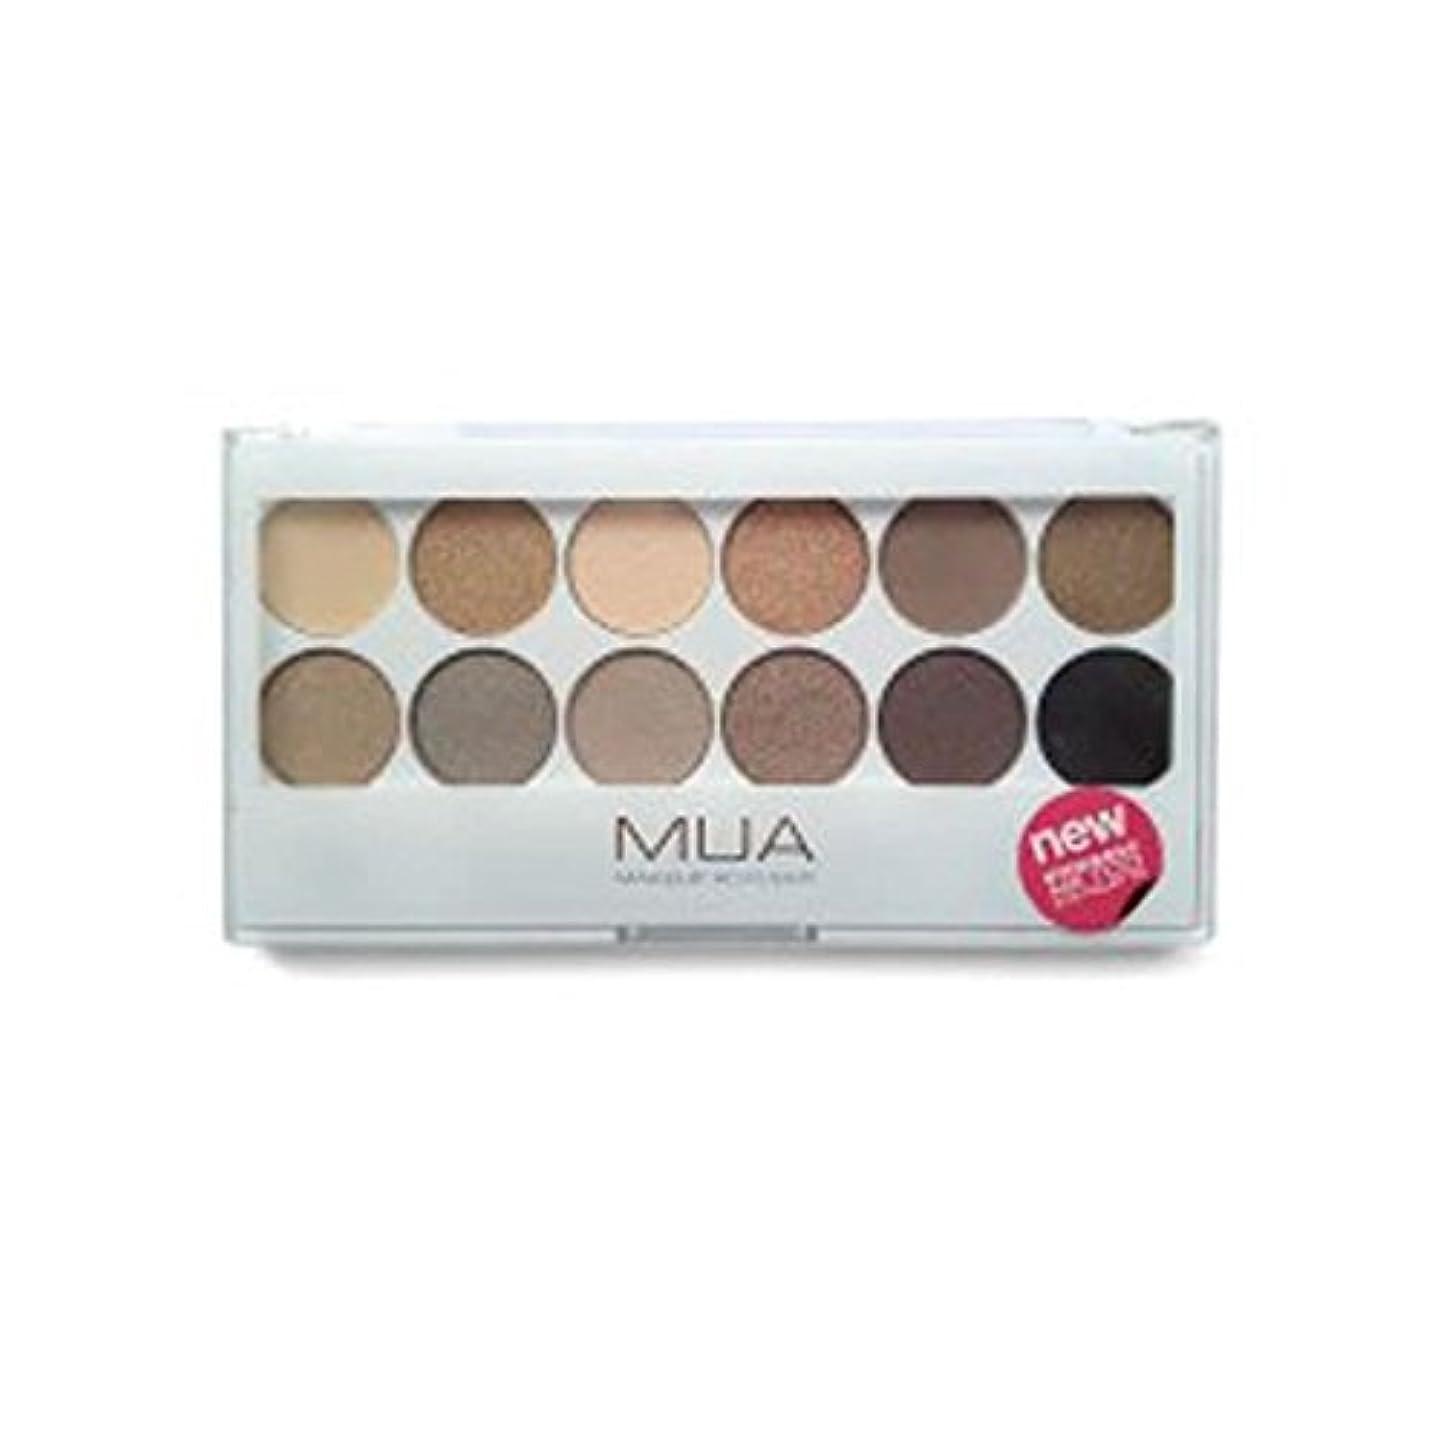 続ける一般化する独占のアイシャドウパレット - 私も服を脱ぎ x4 - MUA Eyeshadow Palette - Undress Me Too (Pack of 4) [並行輸入品]